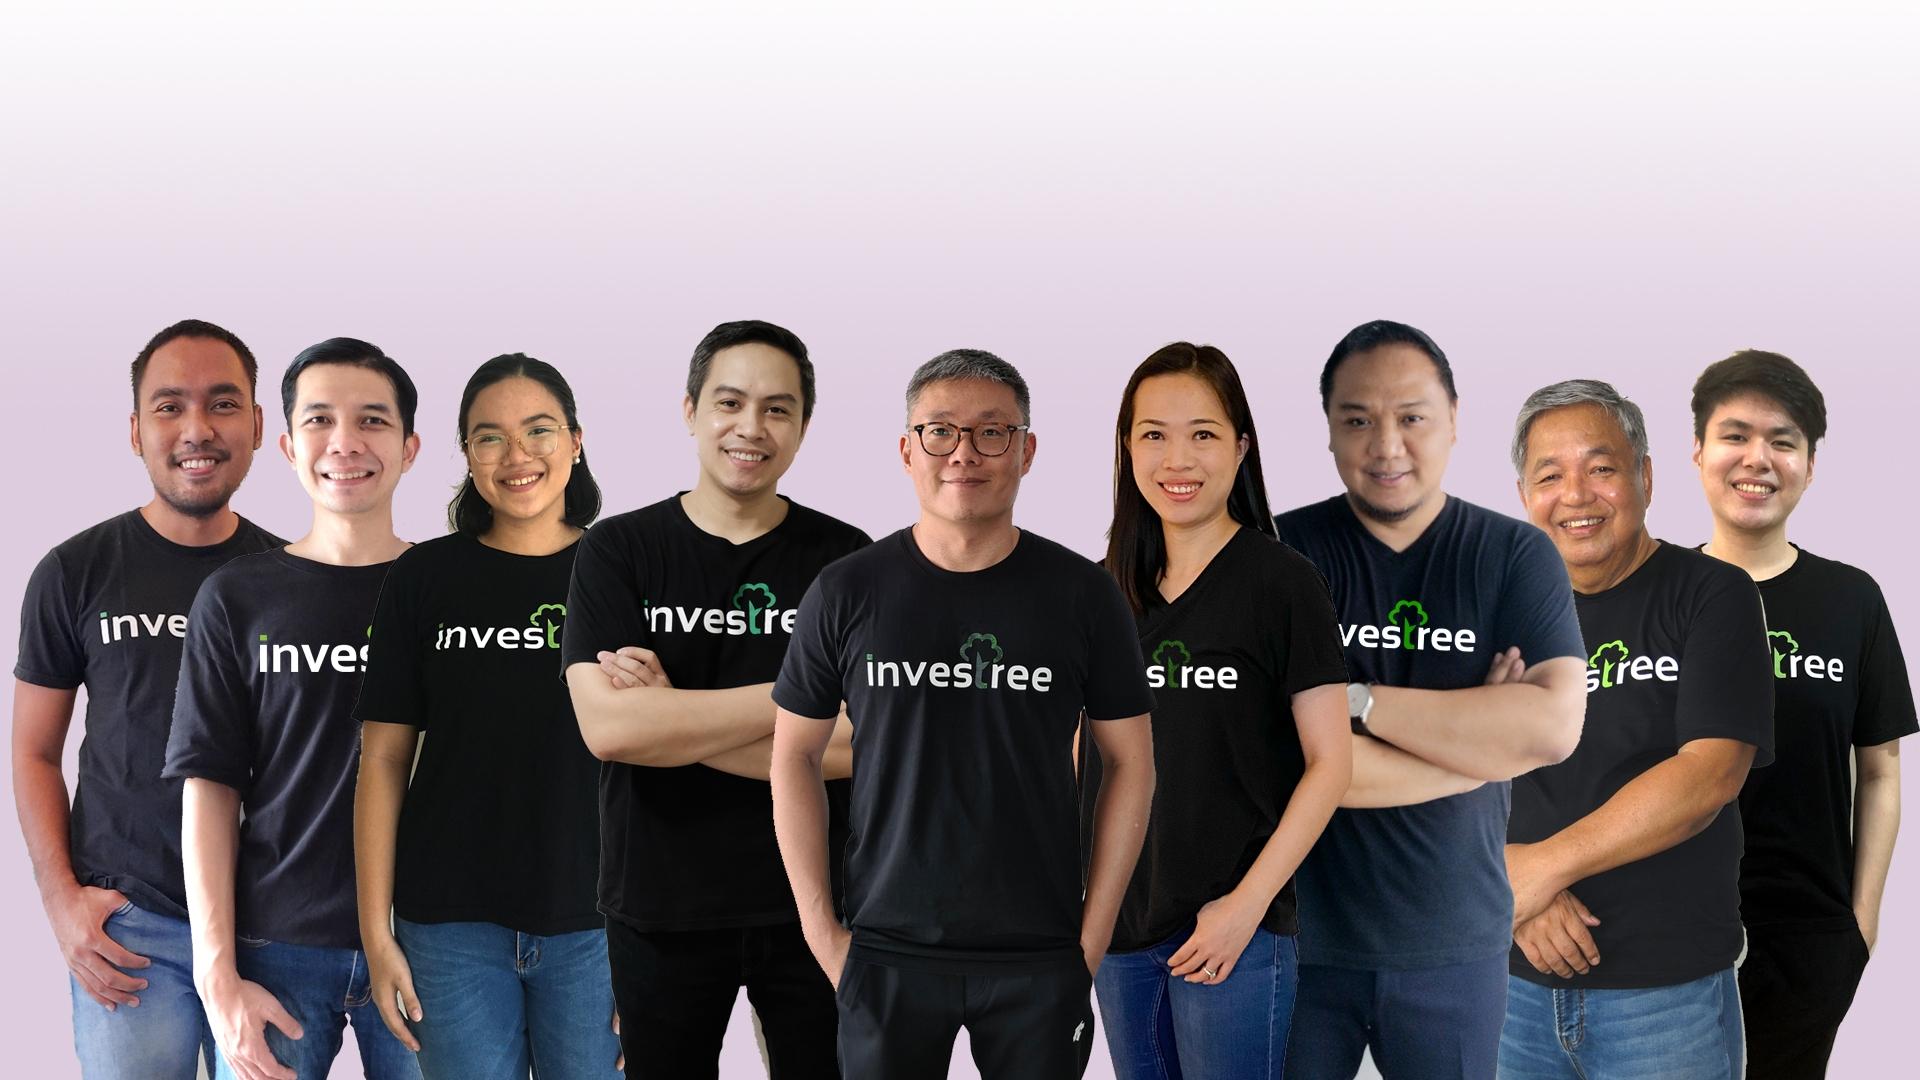 Investree Philippines Jadi Platform Crowdfunding Pertama untuk Pembiayaan UKM di Filipina